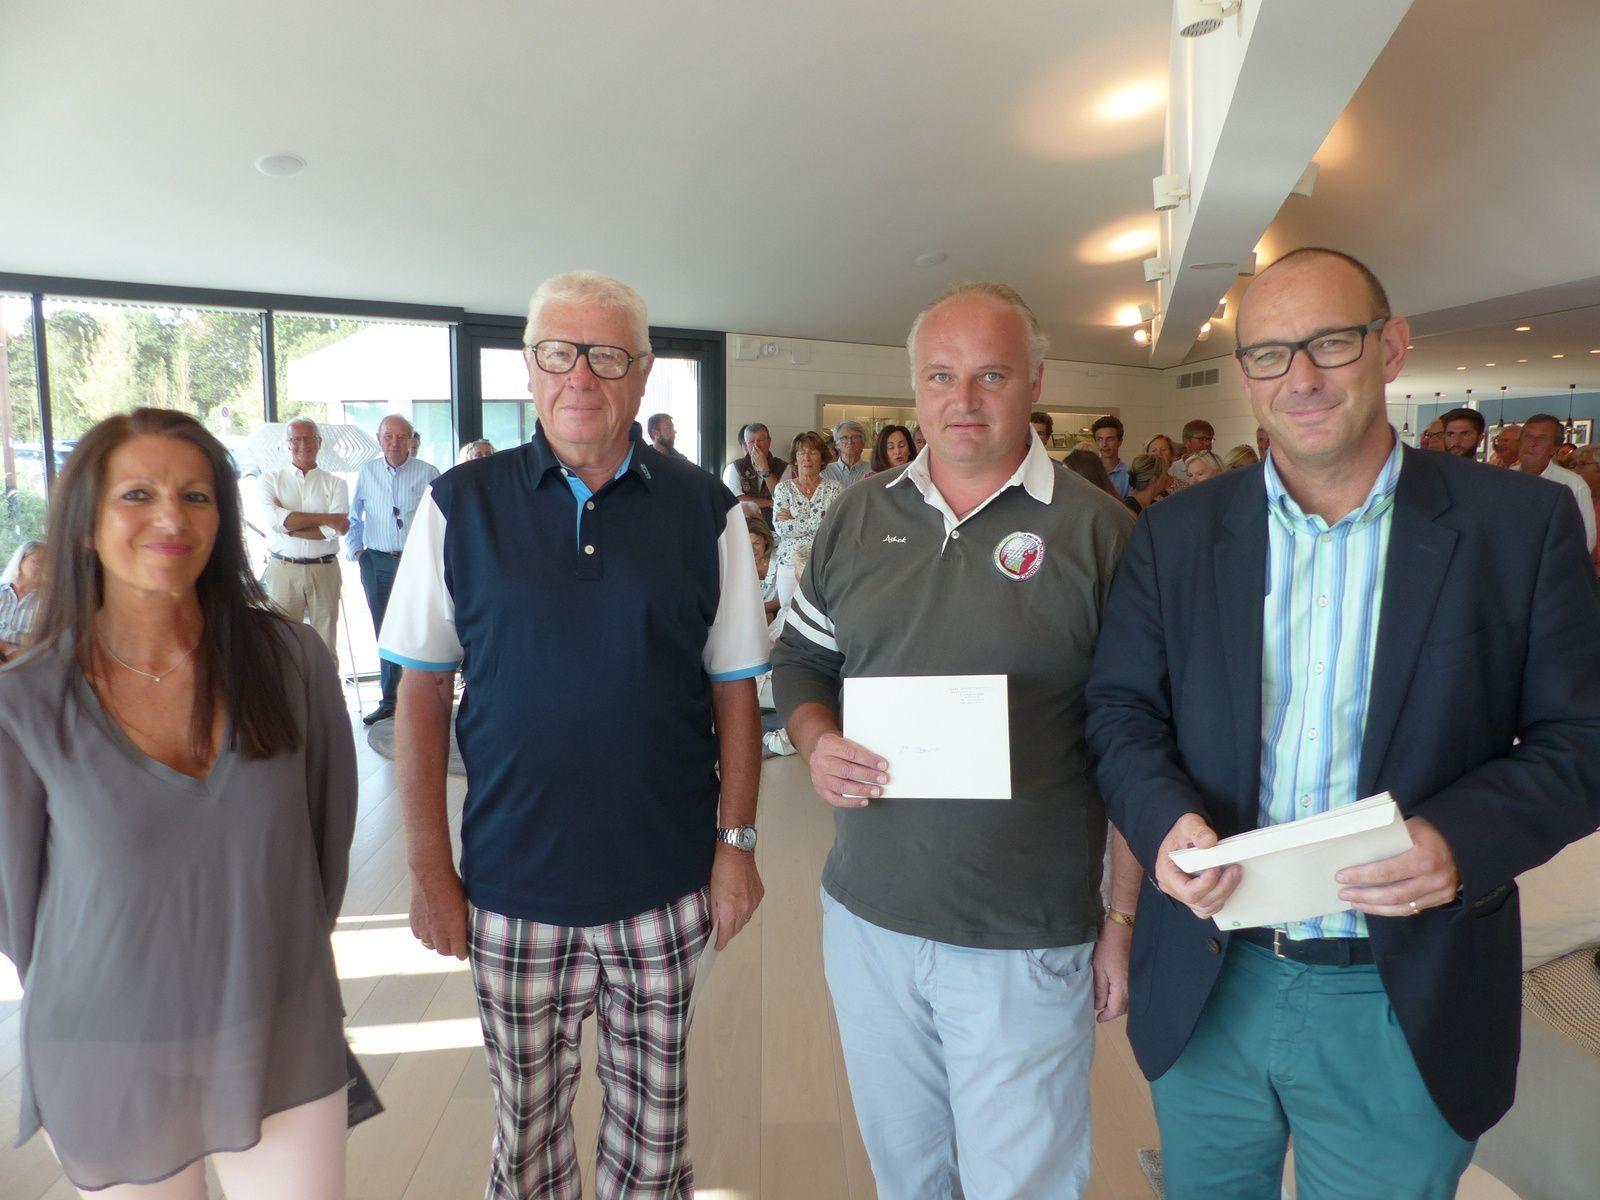 COUPE JOHN WHITLEY CHAMPIONNAT DE DOUBLE : Mercredi 19 ,Jeudi 20 et Vendredi 21 juillet 2017